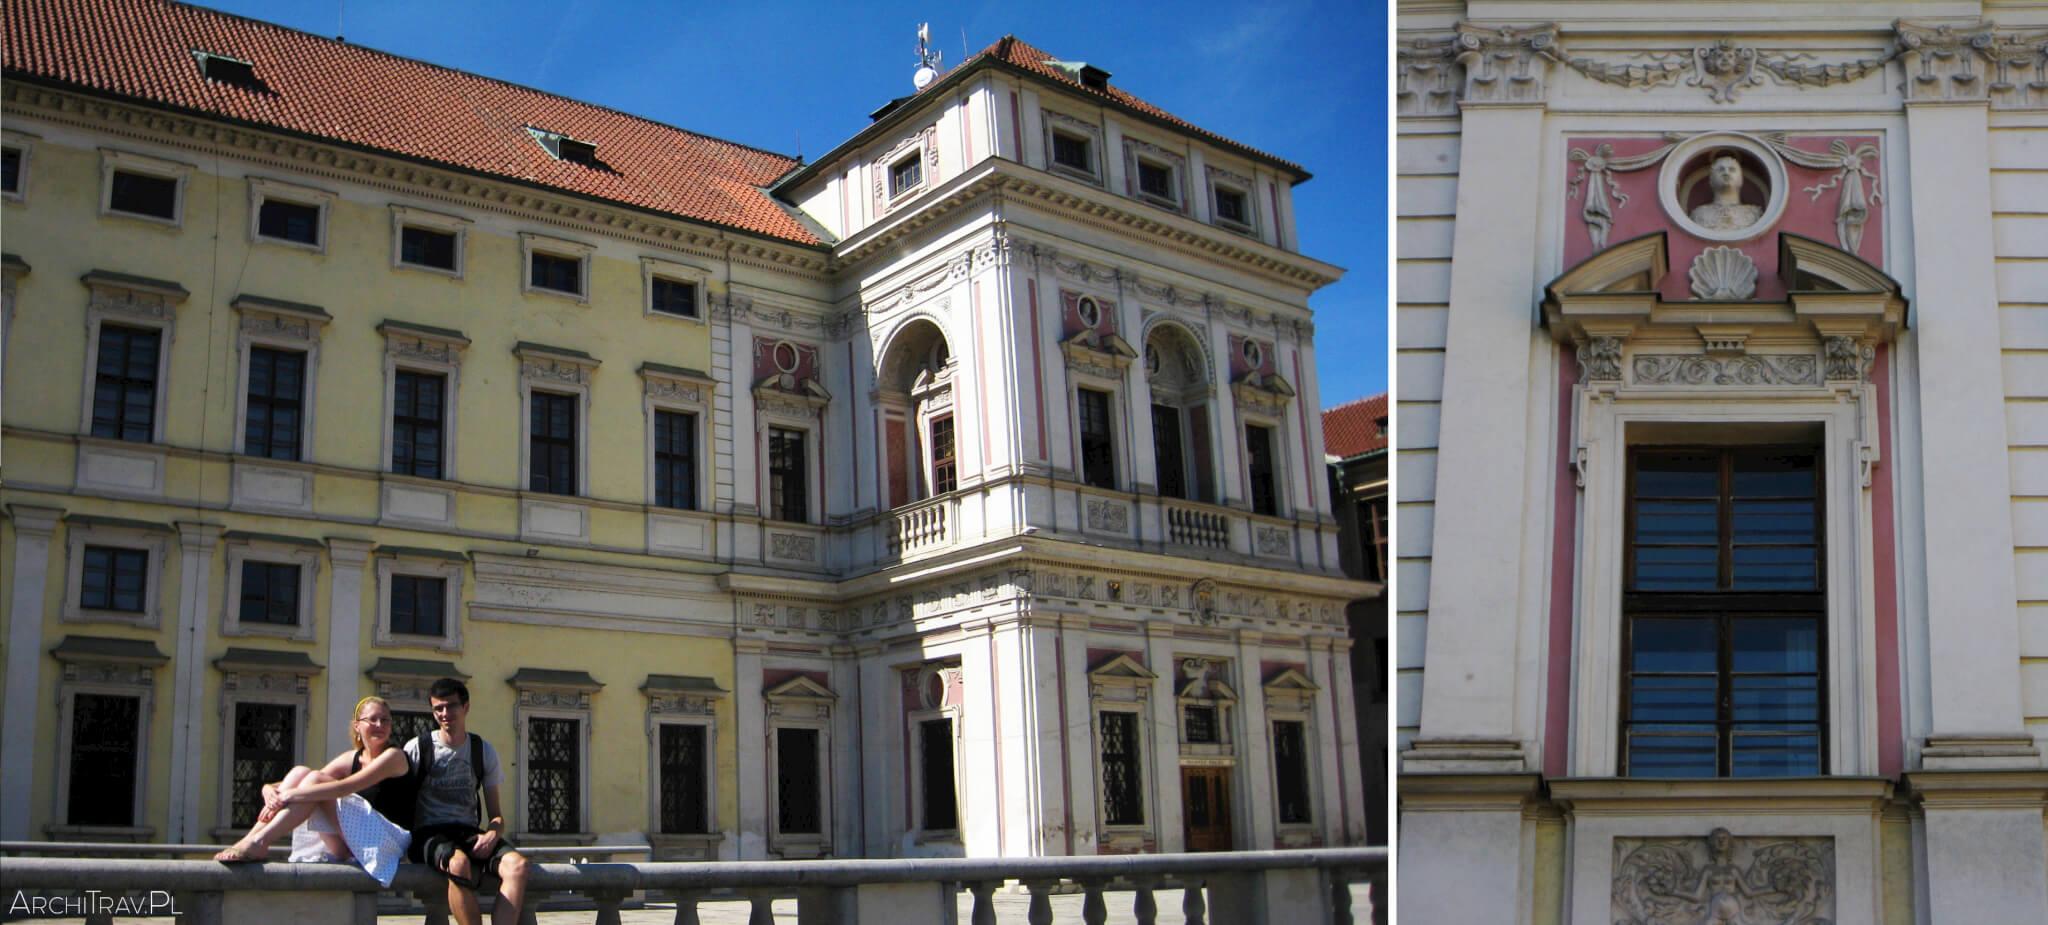 Michnuv palac Praha